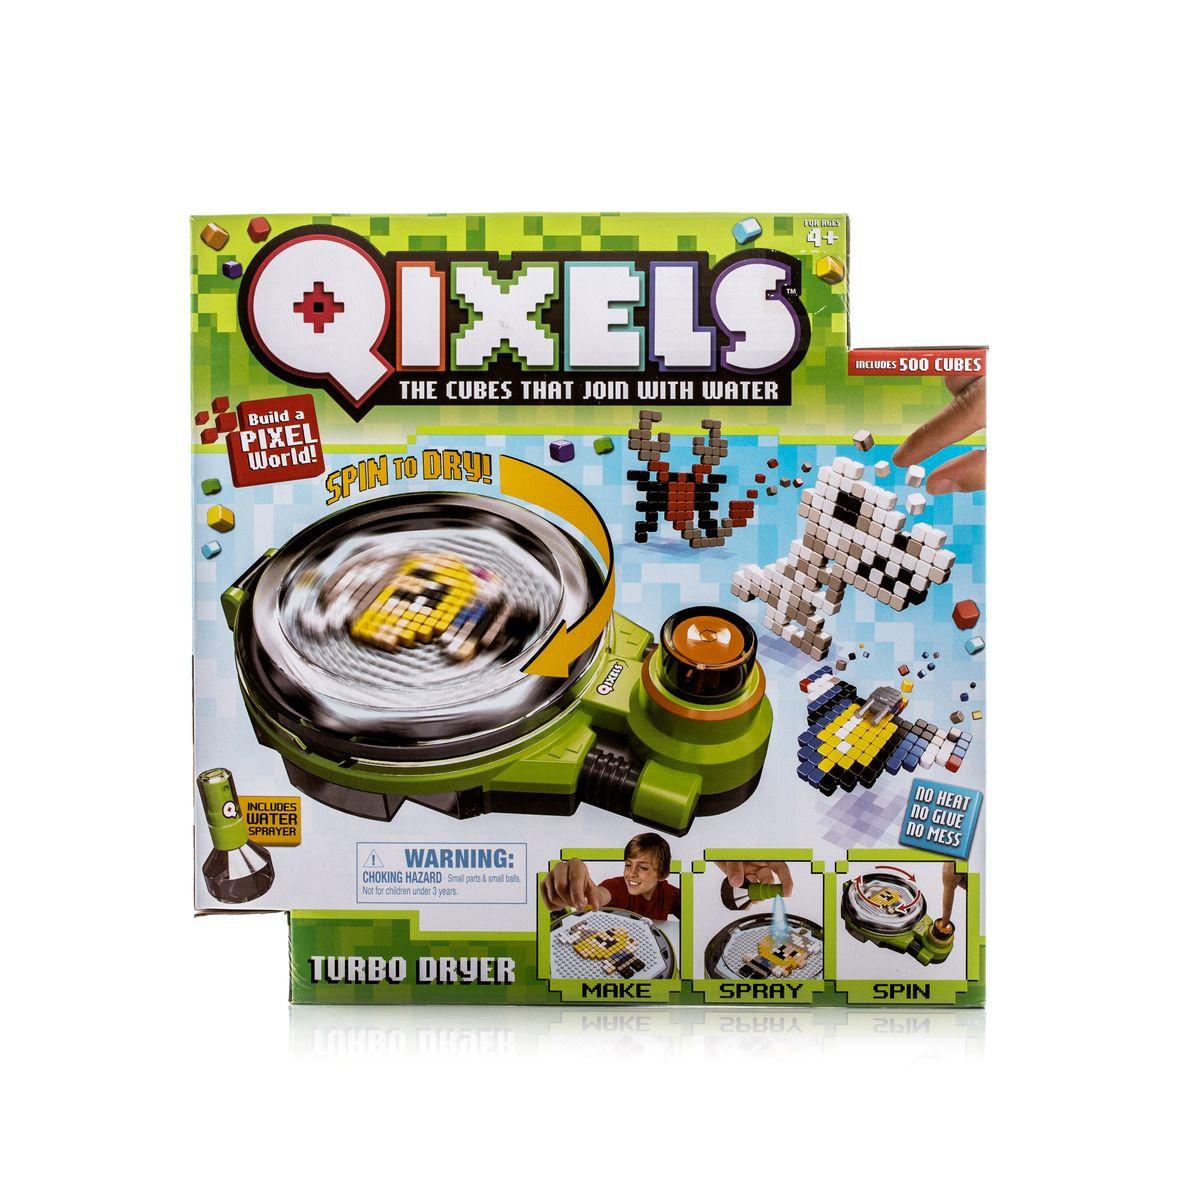 Qixels Набор для творчества Турбо сушкаQ87008Наборы для хобби и творчества Qixels (Квикселс) – это миниатюрные разноцветные кубики, которые скрепляются с помощью обыкновенной воды! Создайте фигурку, смочите её водой, поместите в турбо-сушку и дождитесь полного высыхания. Всего через каких-то 15 минут Ваша фигурка будет готова и с ней можно играть как с обычной игрушкой! Игровой набор подойдет как для мальчиков, так и для девочек. Вы можете использовать готовые лекала, входящие в комплект набора или фантазировать на свободные темы! В комплект набора входит: 1 x Турбо сушка; 500 x кубиков; 2 x дизайн лотка; 4 x дизайн лекала; 2 x Опоры; 2 x Базы; 2 x Аксессуара; 1 x бирка и нить; 1 x емкость для хранения кубиков; 1 x распылитель для воды; 1 x инструкция.